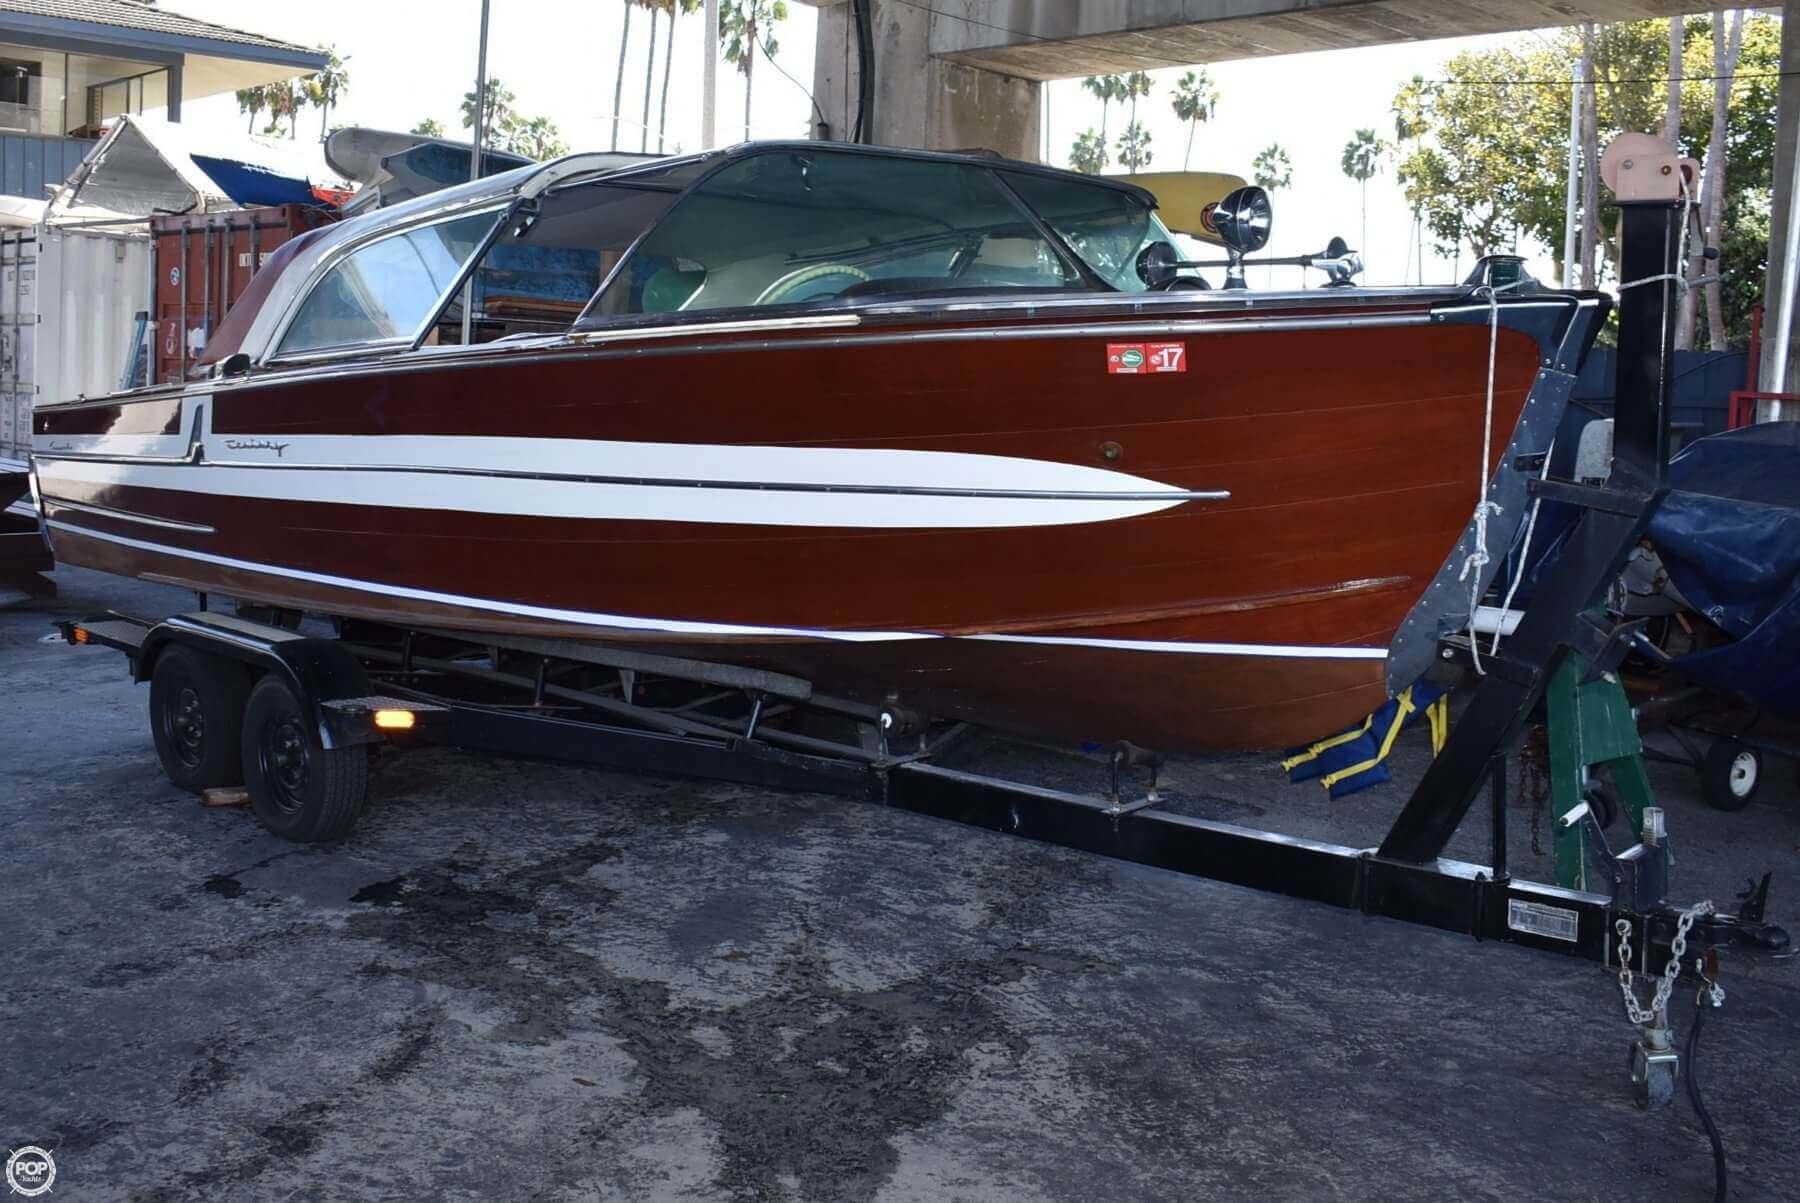 Century Coronado 21 Converitble Boat For Sale In Long Beach Ca For